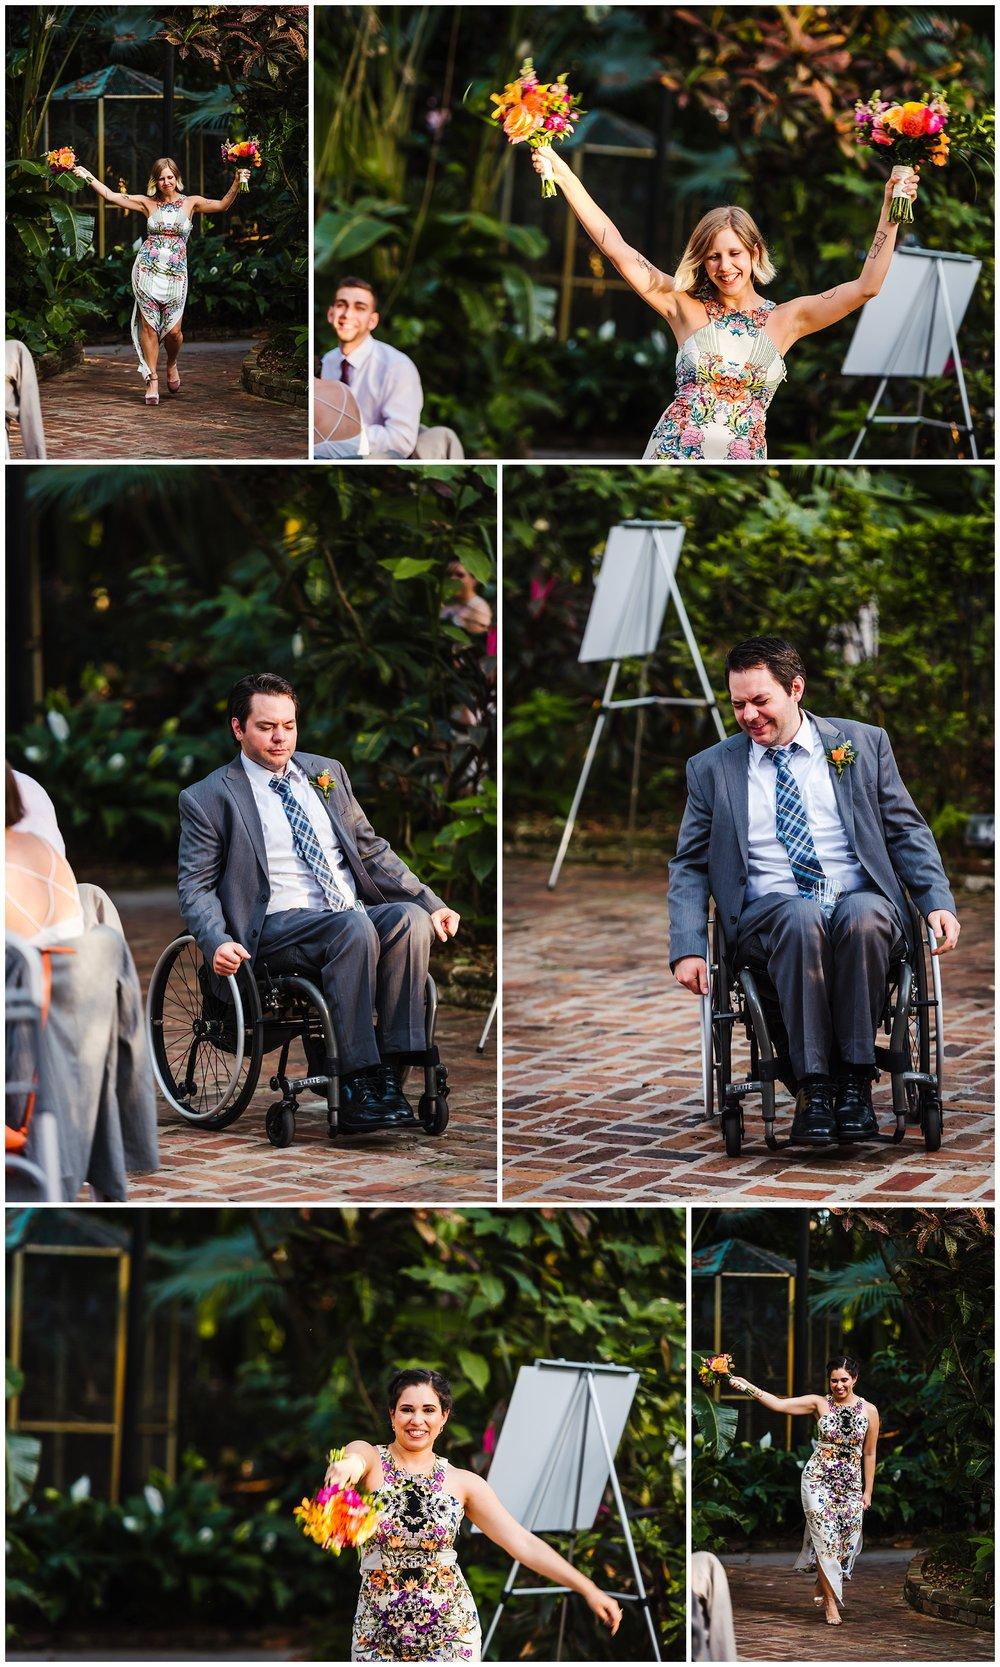 st-pete-wedding-photographer-post-card-inn-sunken-gardens-hawaiian-theme-dueling-pianos_0044.jpg